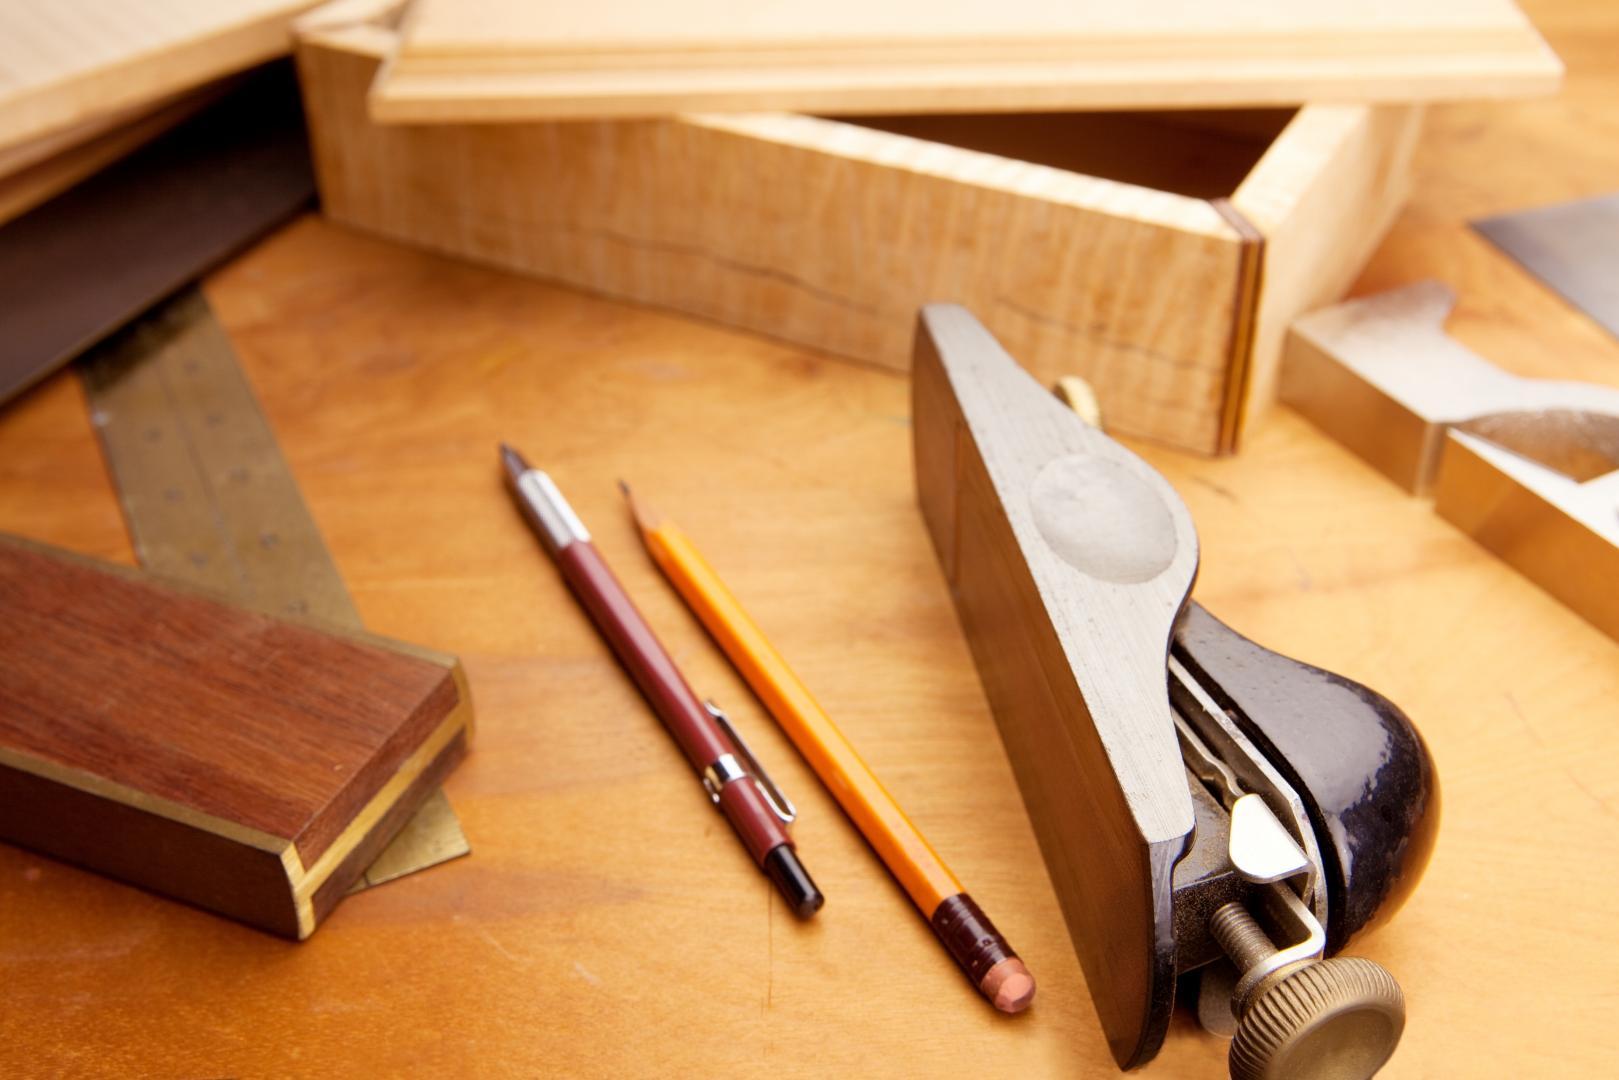 installation cuisine volets voivres l s le mans sarl vin on. Black Bedroom Furniture Sets. Home Design Ideas